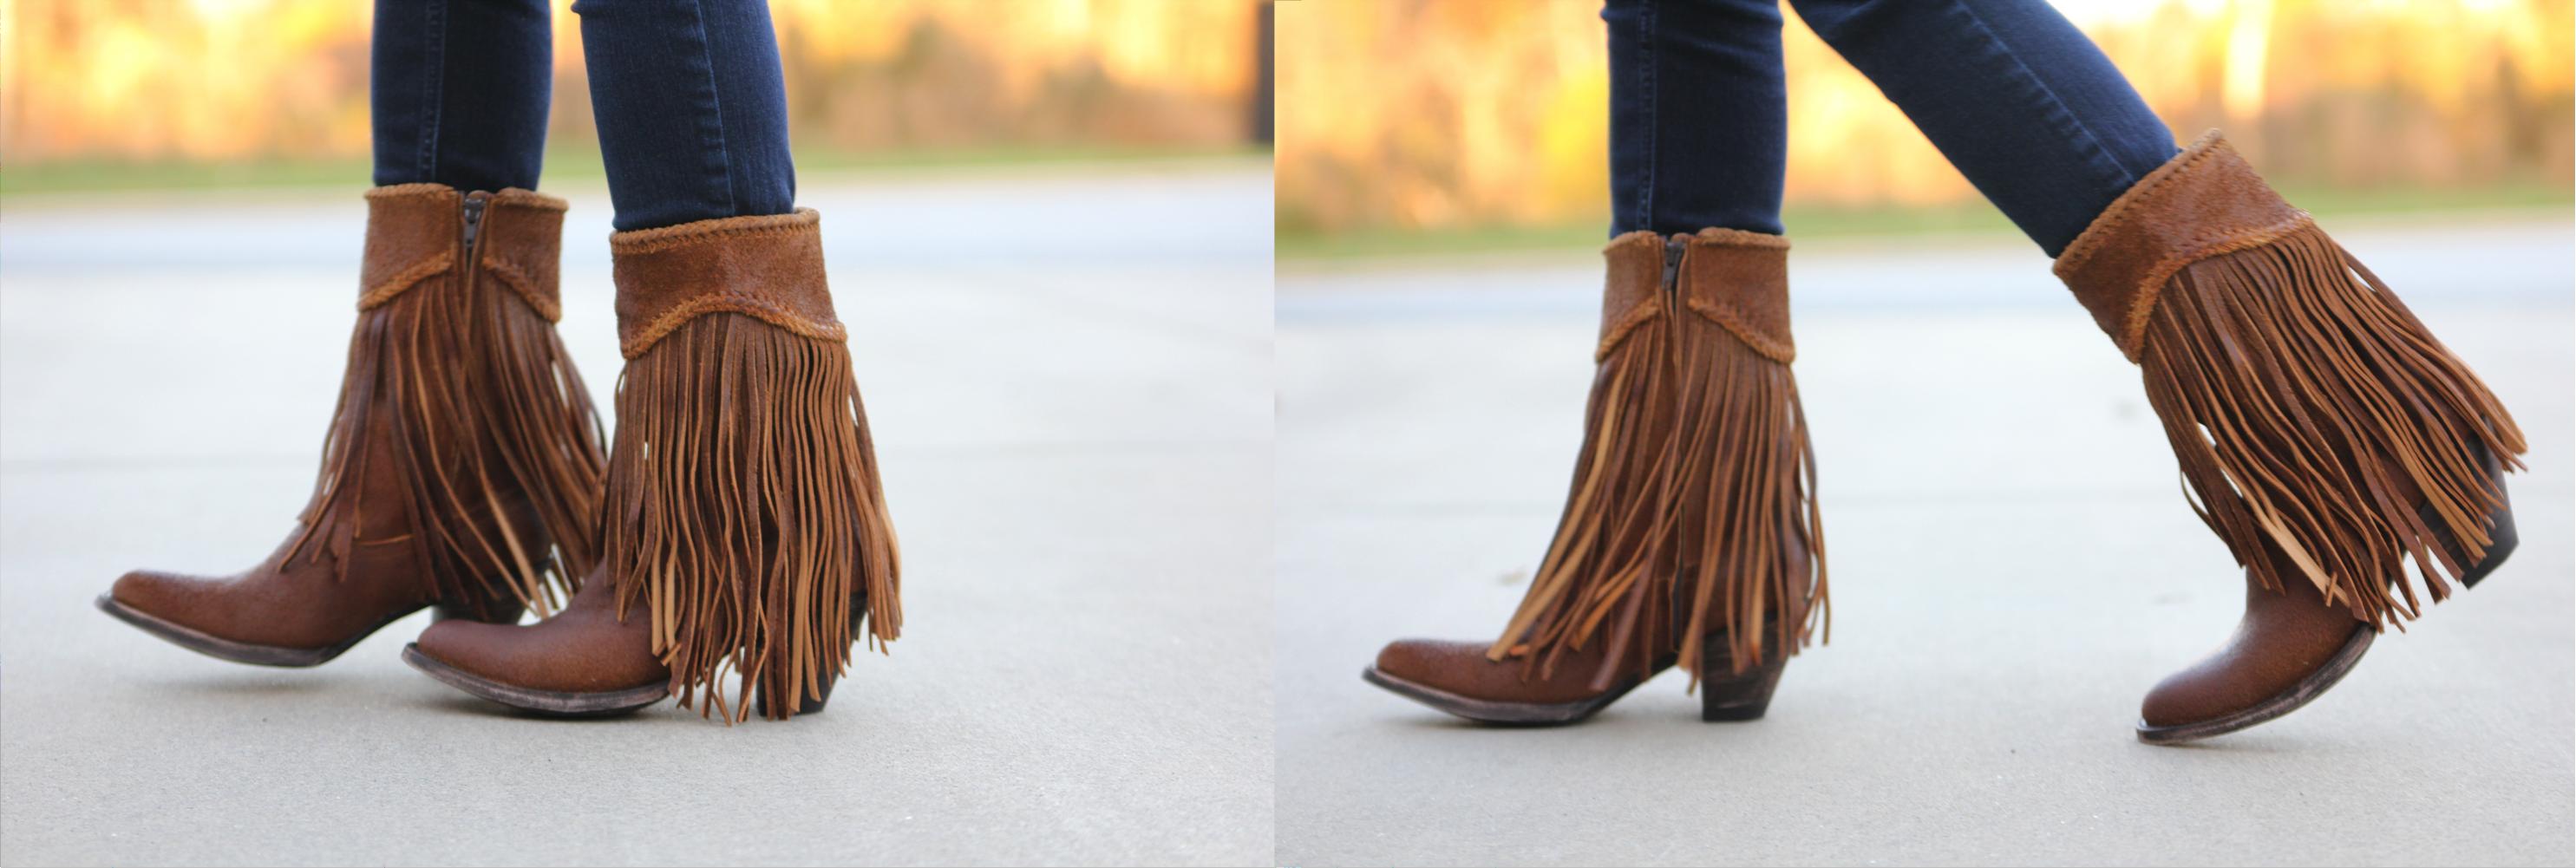 Best Cowboy Boots - Rivertrail Mercantile